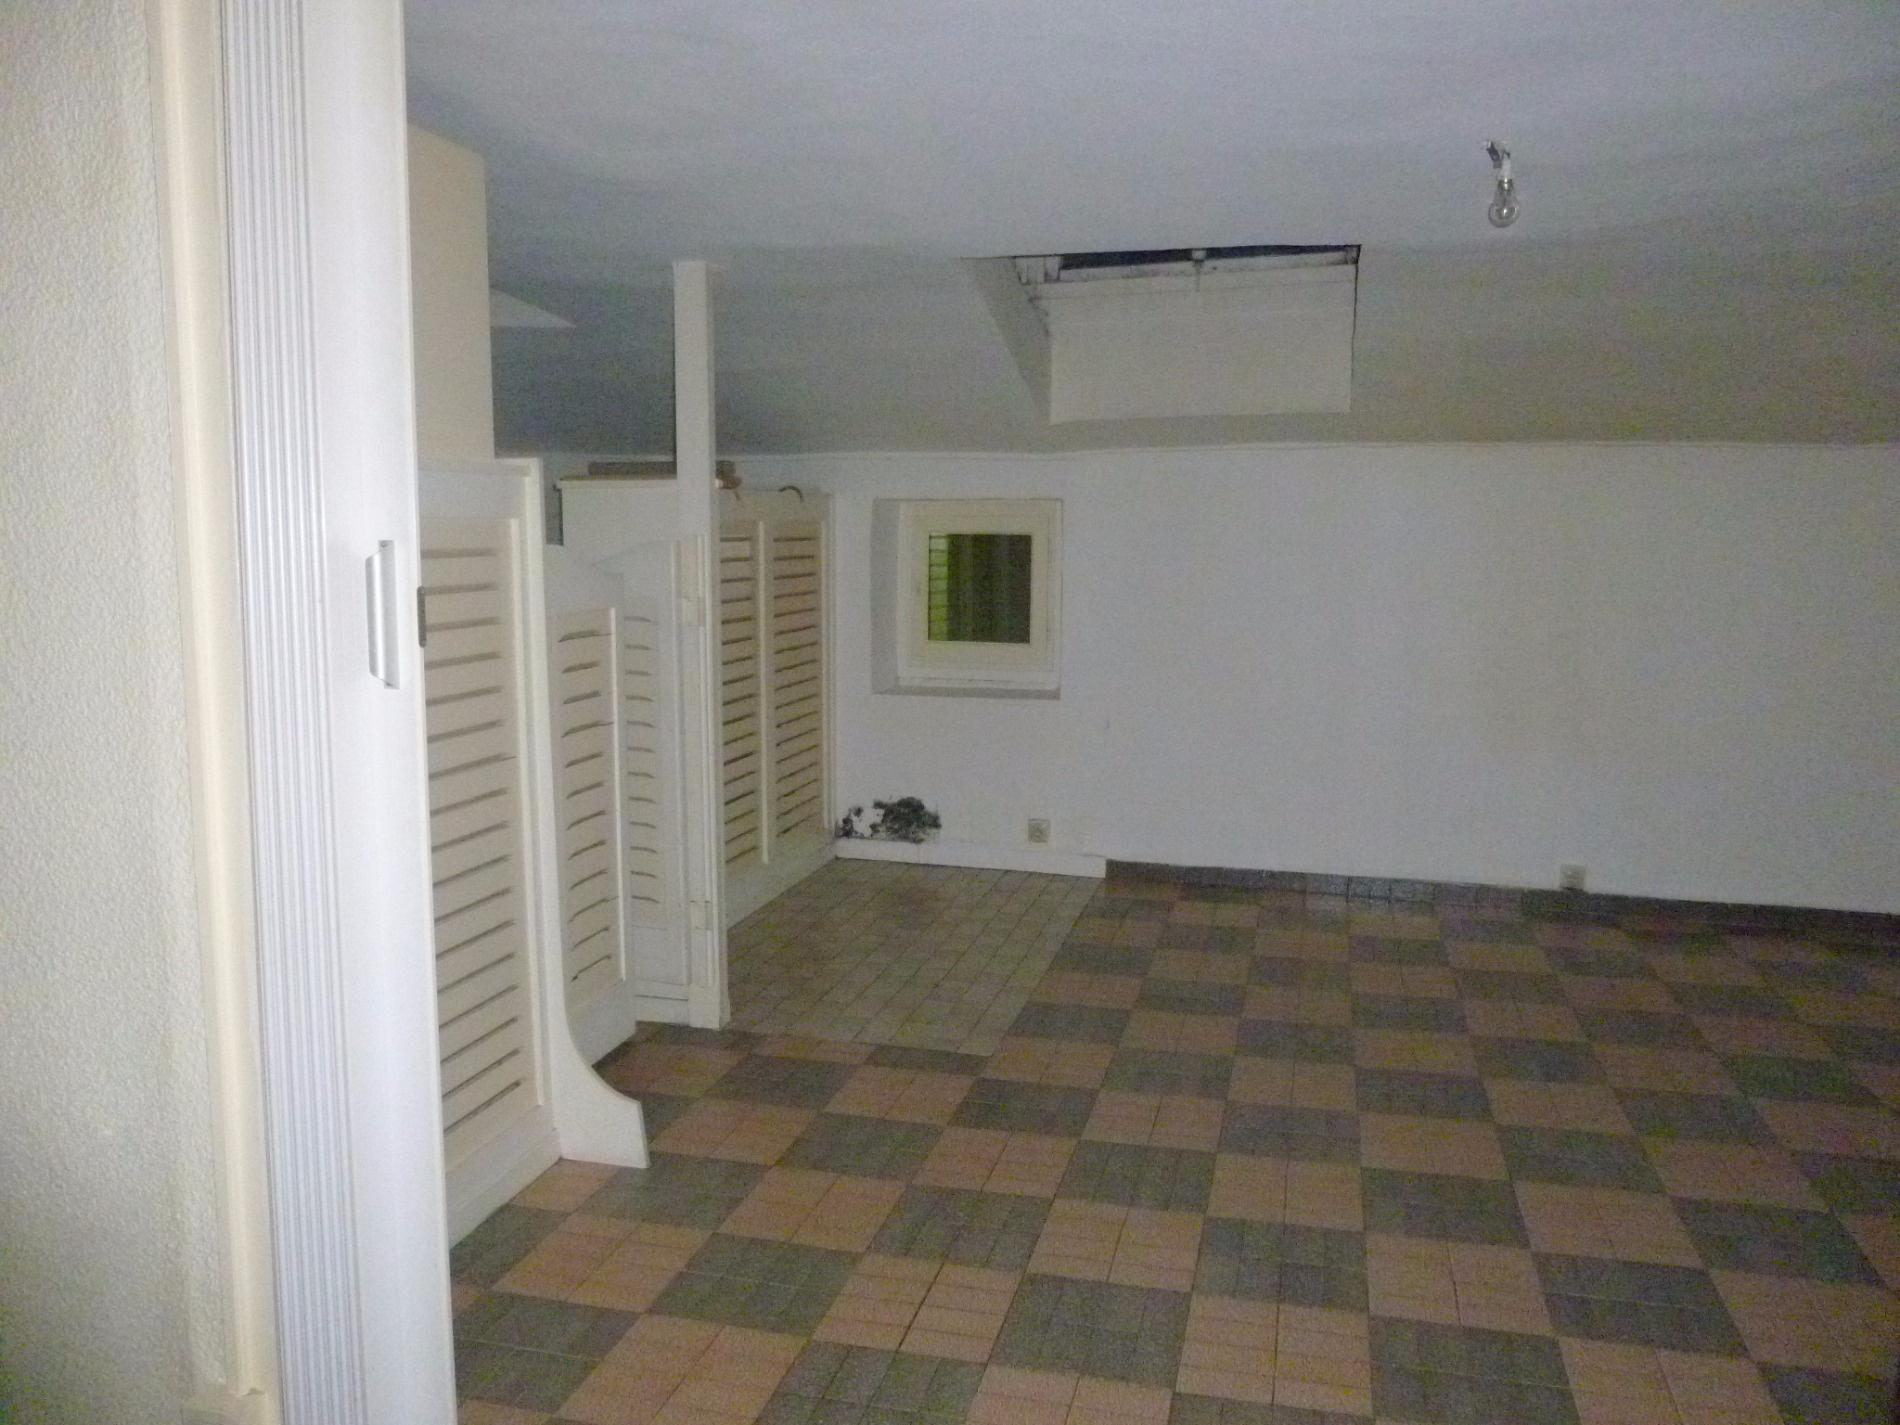 annonce vente appartement lyon 5 35 m 151 000 992739903055. Black Bedroom Furniture Sets. Home Design Ideas